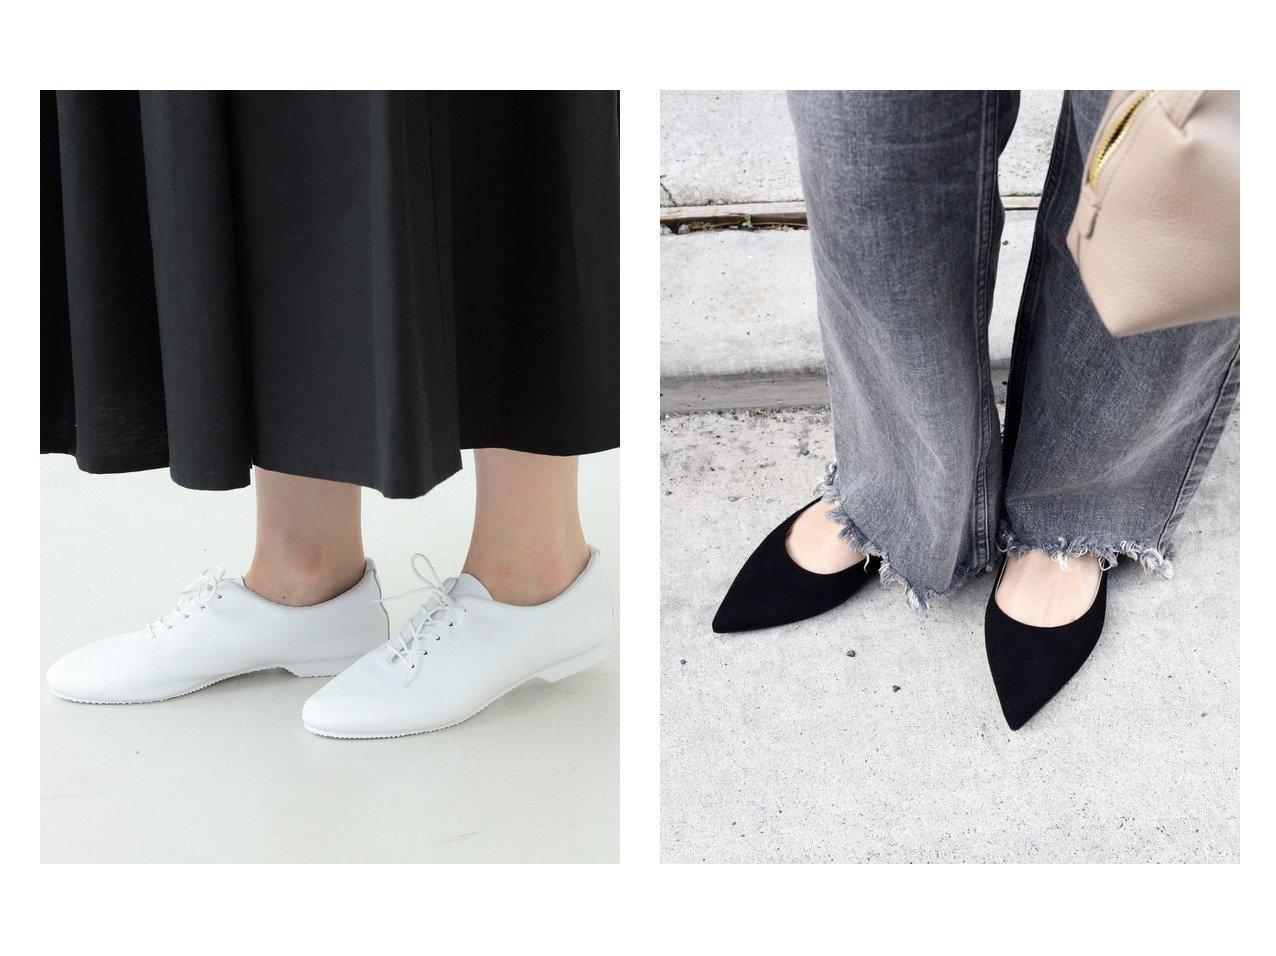 【Ray BEAMS/レイ ビームス】のDanceJazz シューズ&【SHIPS/シップス フォー ウィメン】のCORSO ROMA ポインテッドフラット シューズ・靴のおすすめ!人気、トレンド・レディースファッションの通販 おすすめで人気の流行・トレンド、ファッションの通販商品 メンズファッション・キッズファッション・インテリア・家具・レディースファッション・服の通販 founy(ファニー) https://founy.com/ ファッション Fashion レディースファッション WOMEN クラウン シューズ フラット NEW・新作・新着・新入荷 New Arrivals シンプル フォルム ベーシック レオパード 再入荷 Restock/Back in Stock/Re Arrival |ID:crp329100000012949